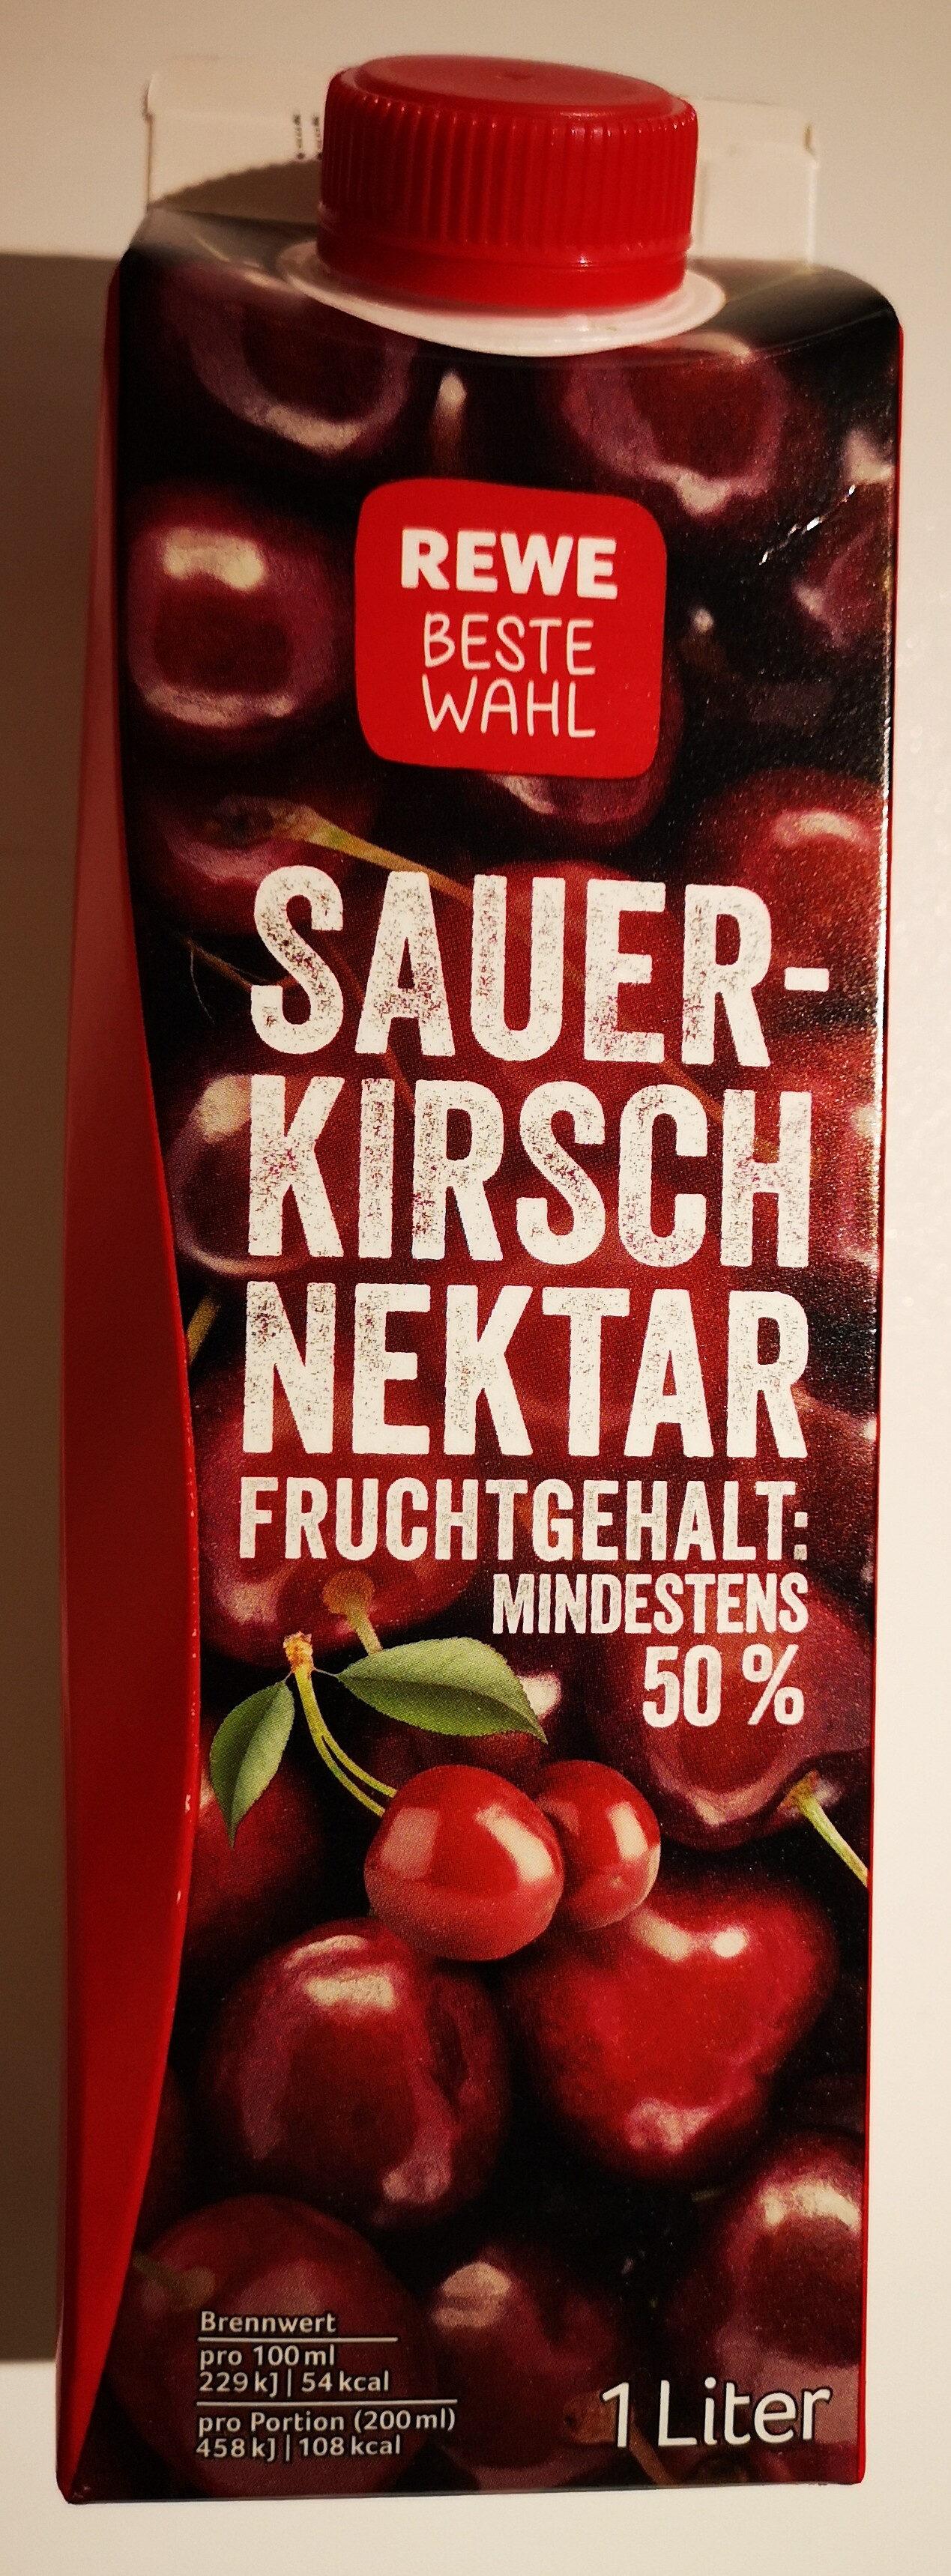 Beste Wahl Sauerkirschnektar Fruchtgehalt mindestens 50% - Product